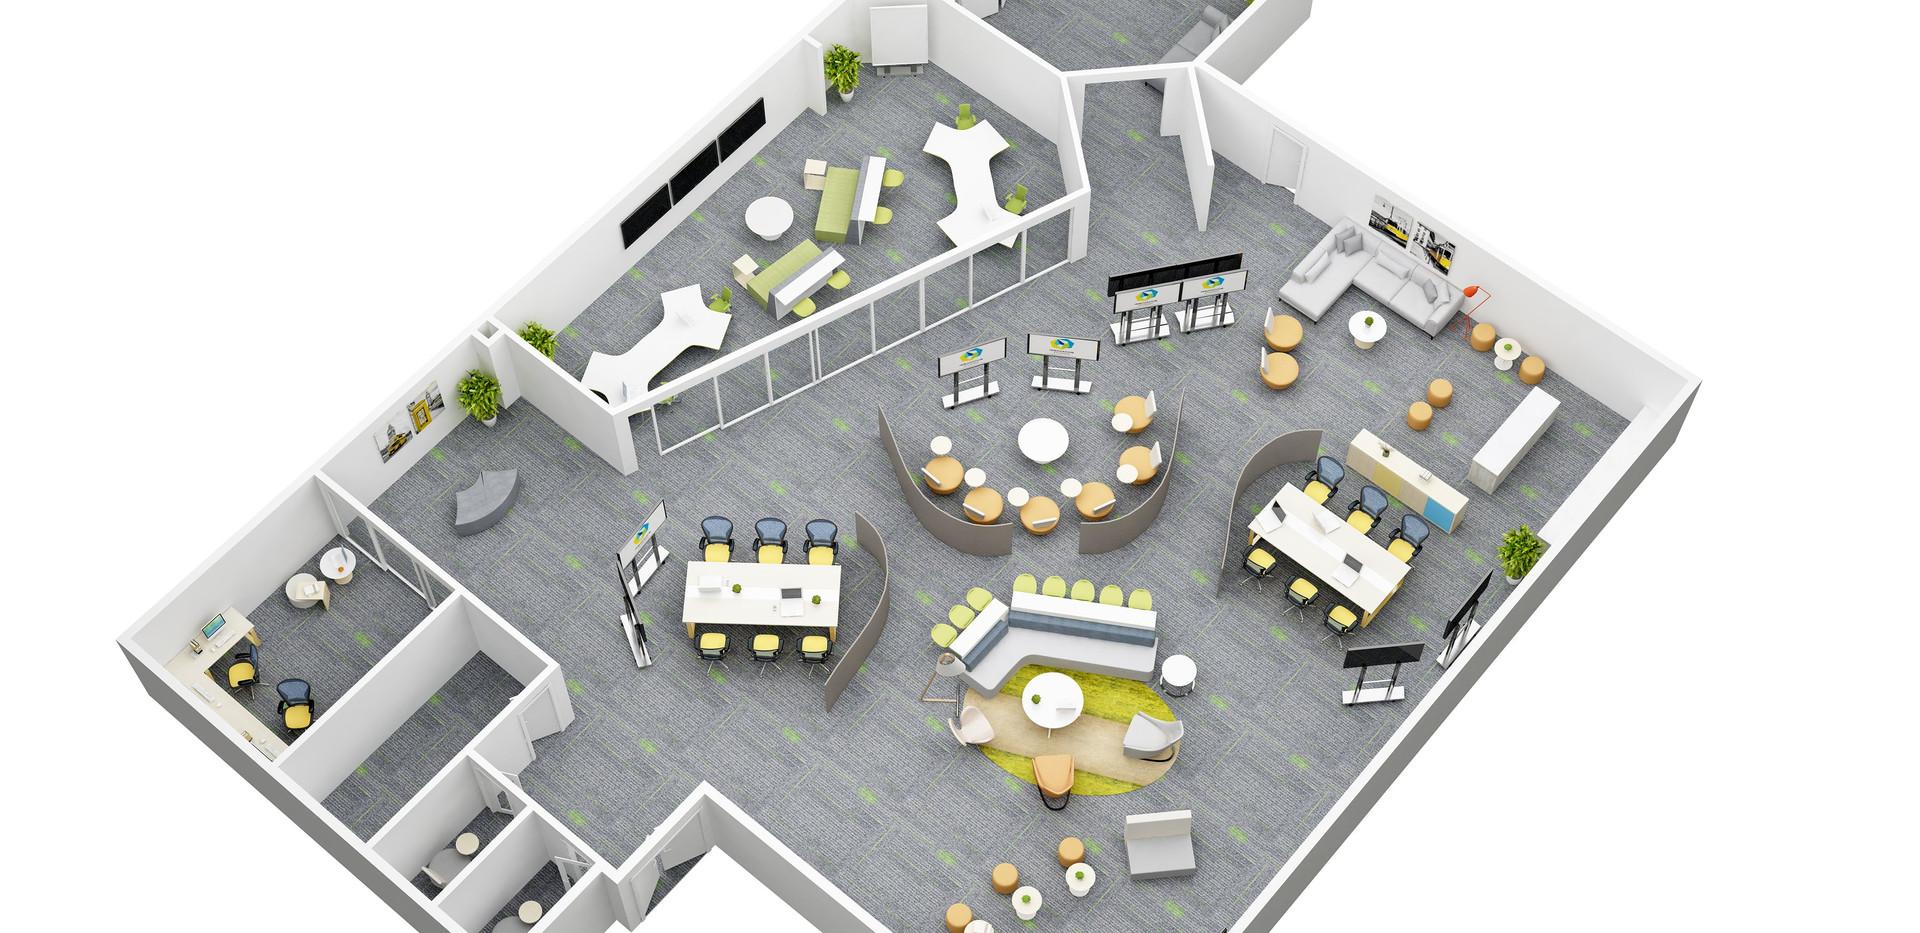 Jillahines_3D floor plan studio